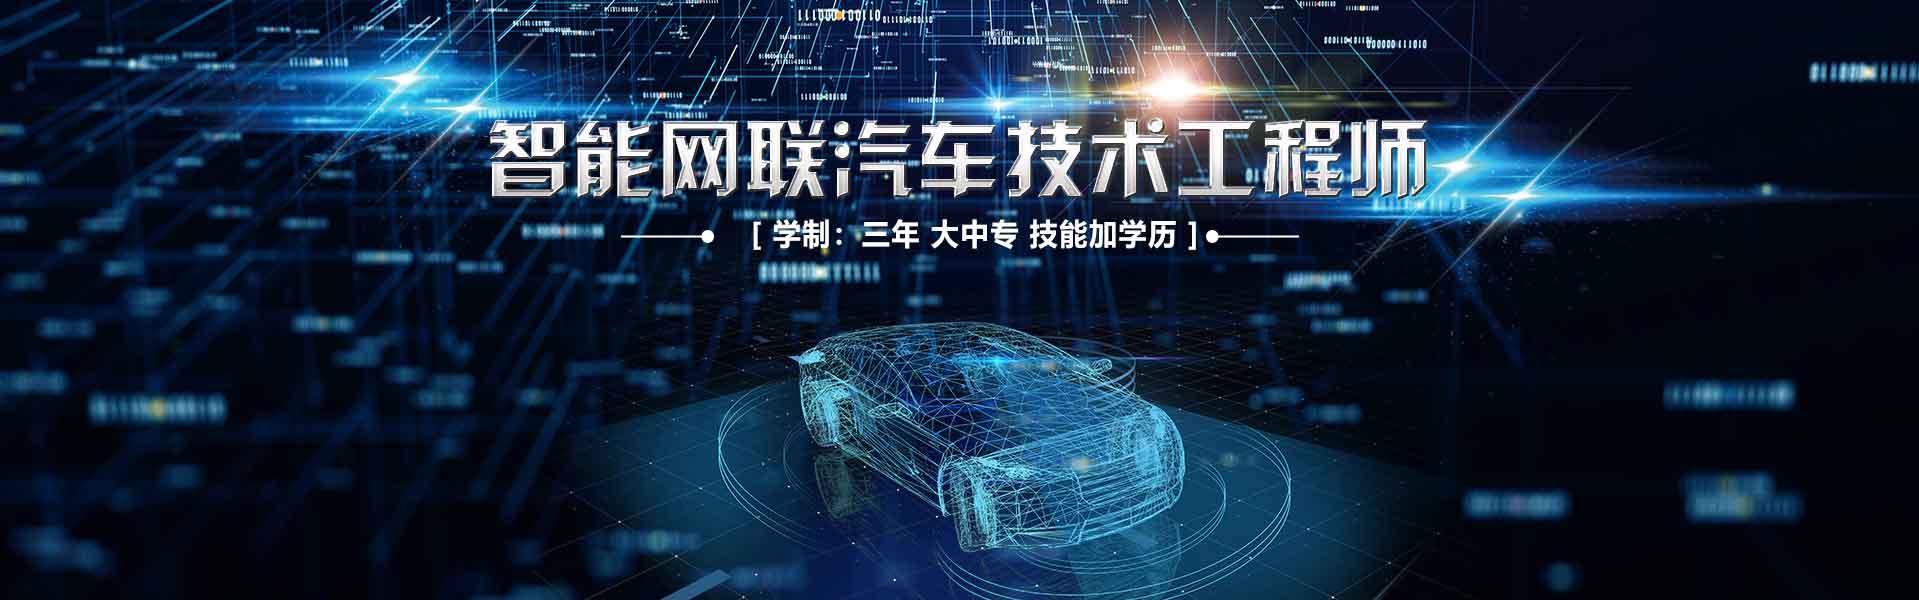 汽修专业_智能网联汽车技术工程师